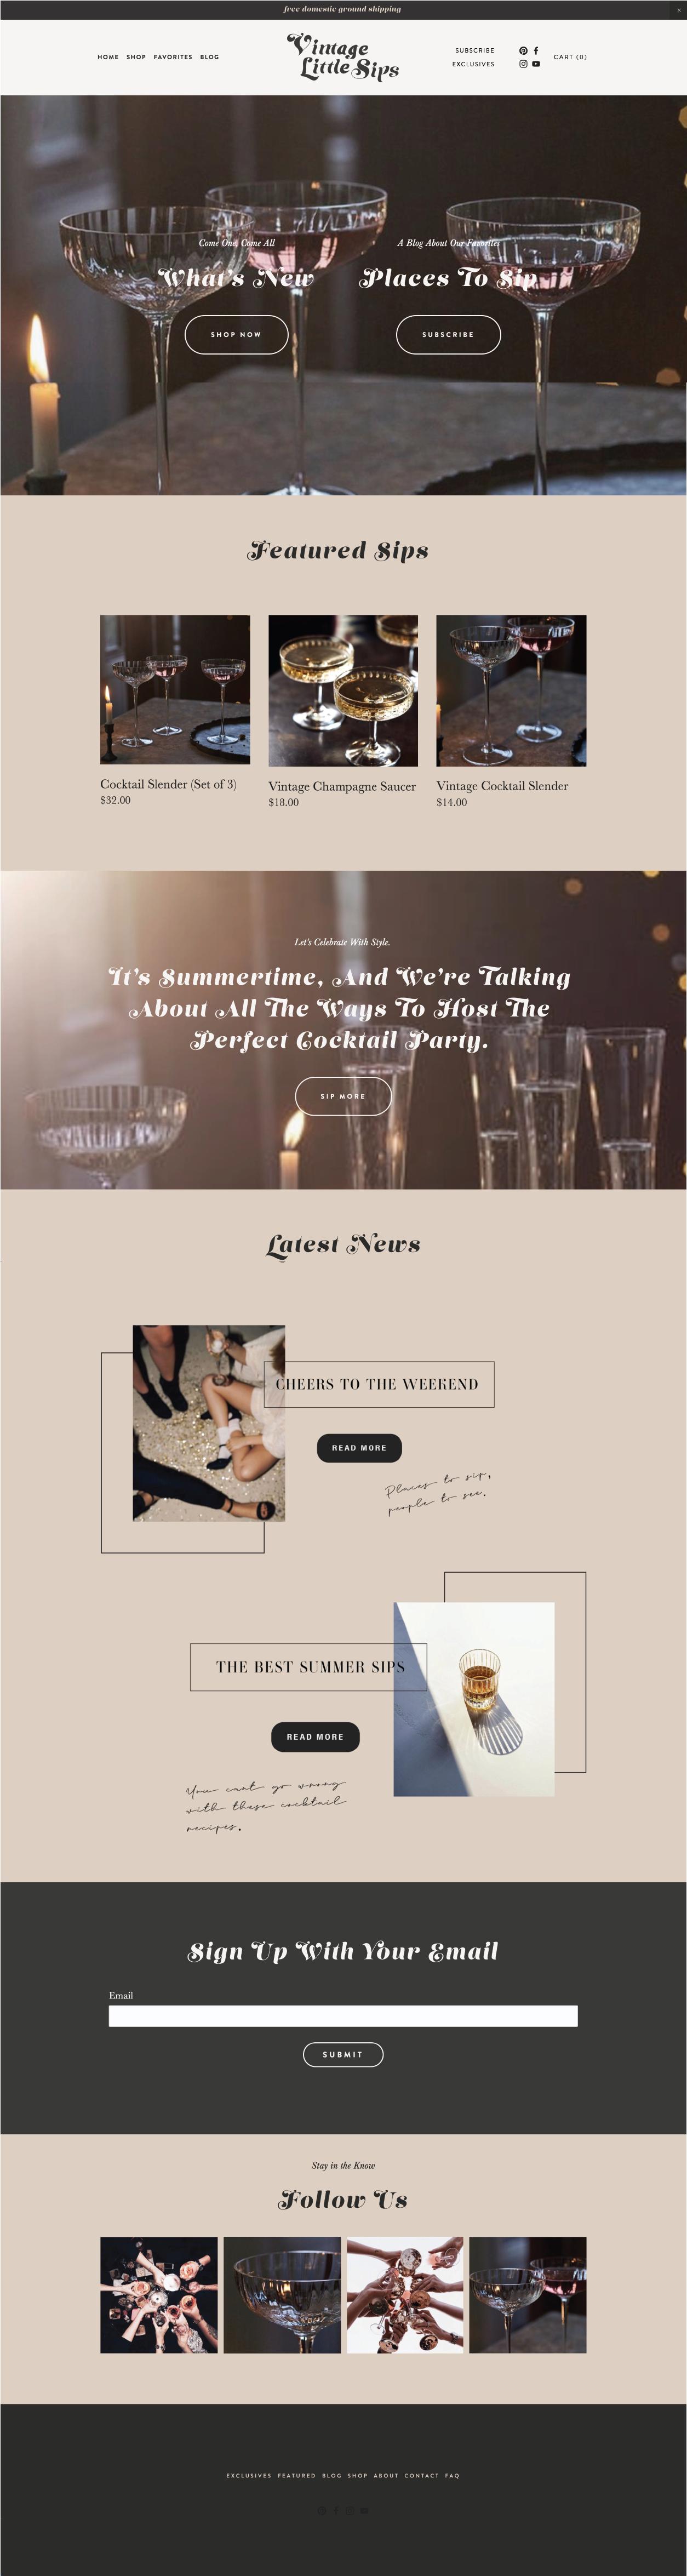 Website Design | Vintage Little Sips